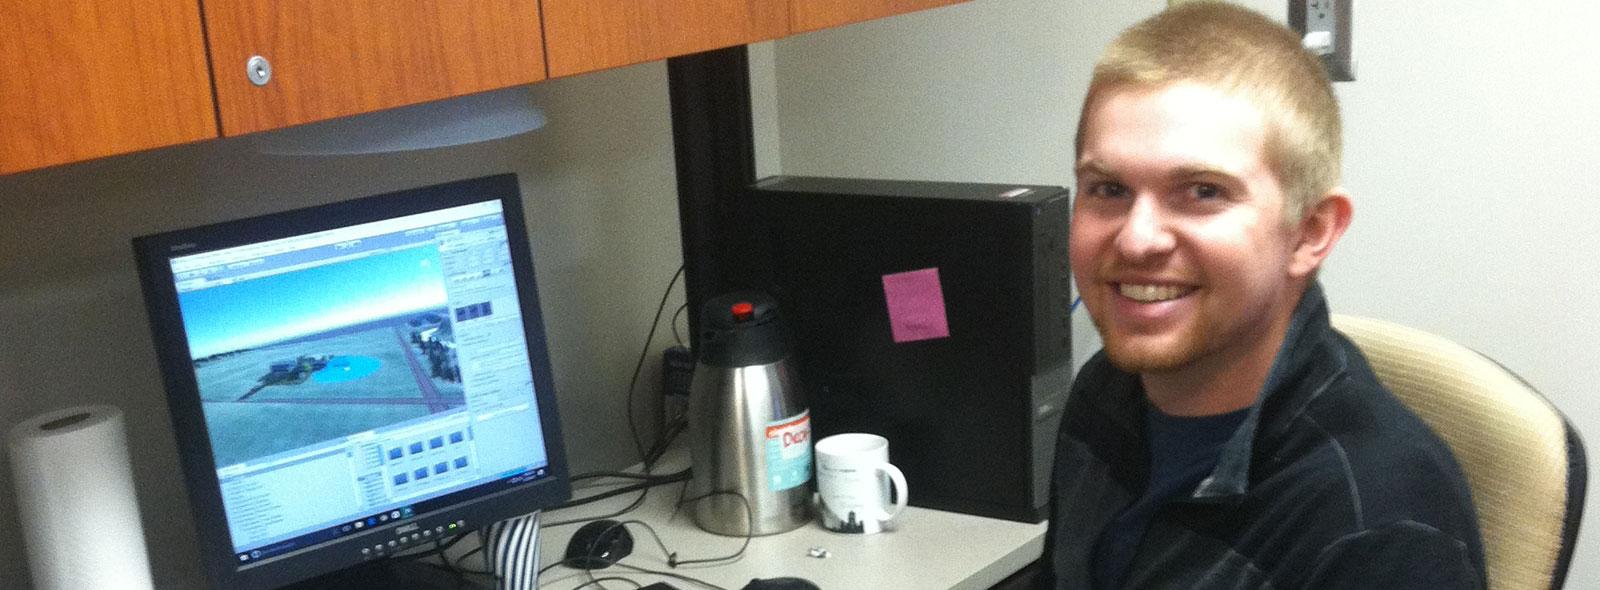 Nathan Rice sitting at a computer